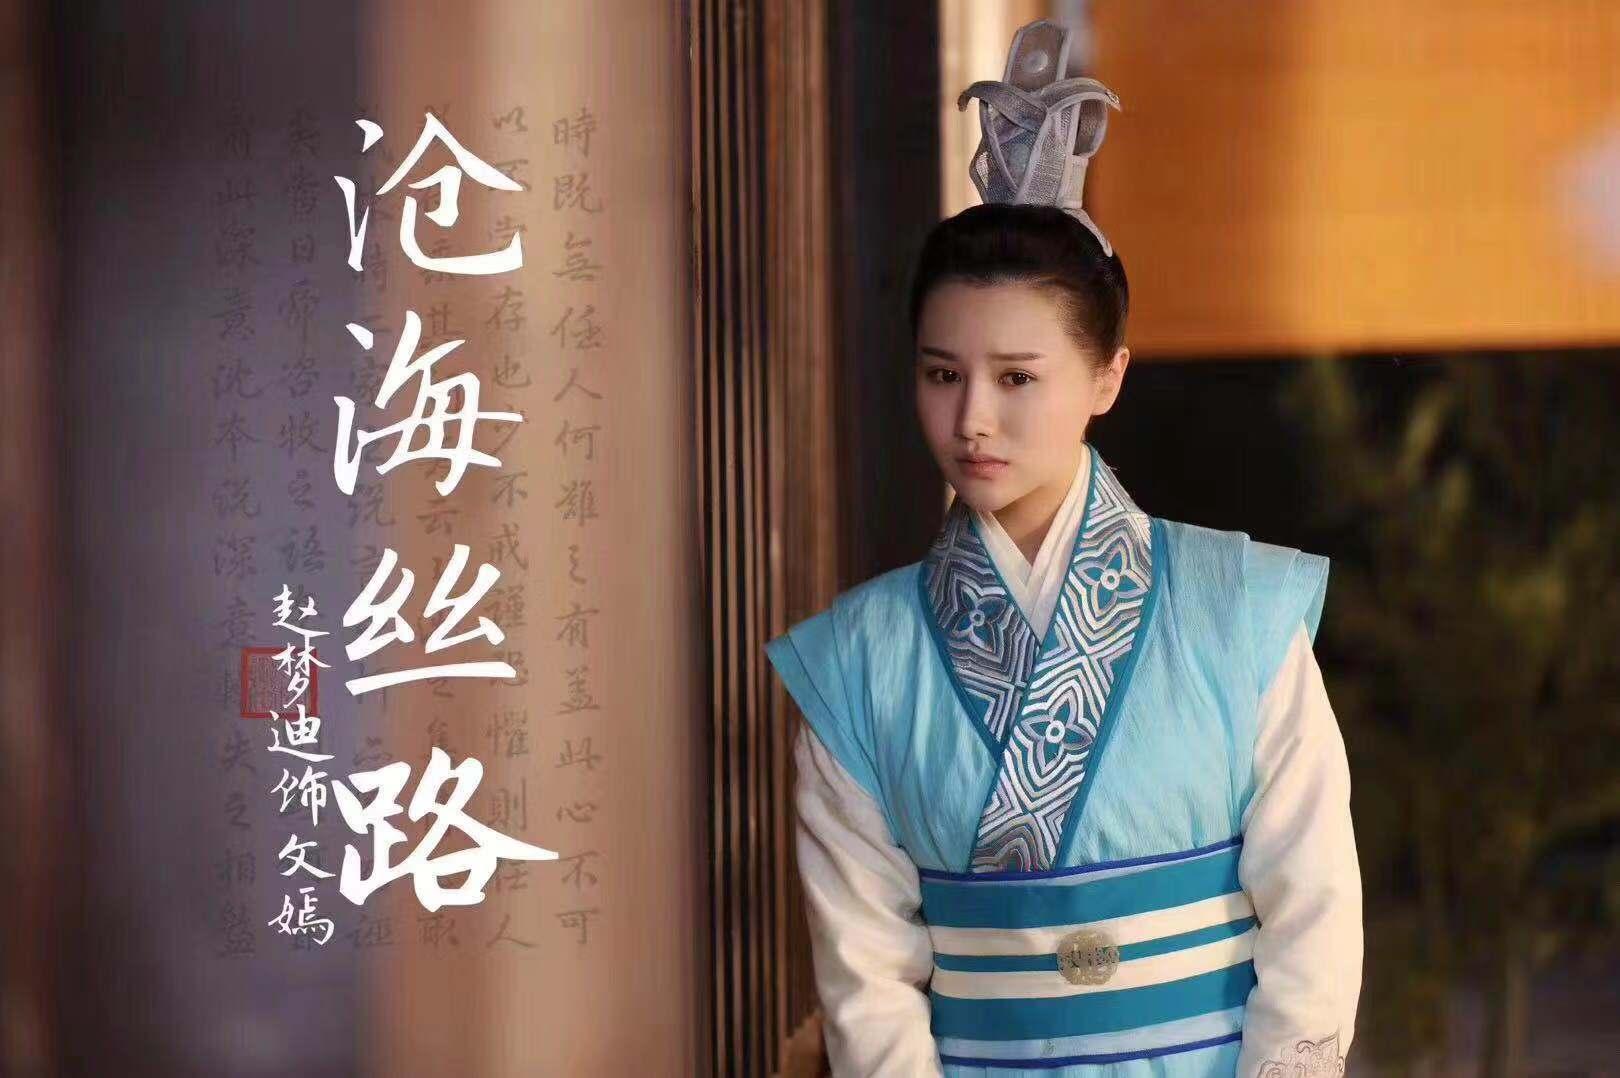 央视大戏《沧海丝路》将映 赵梦迪惊艳出演女民医